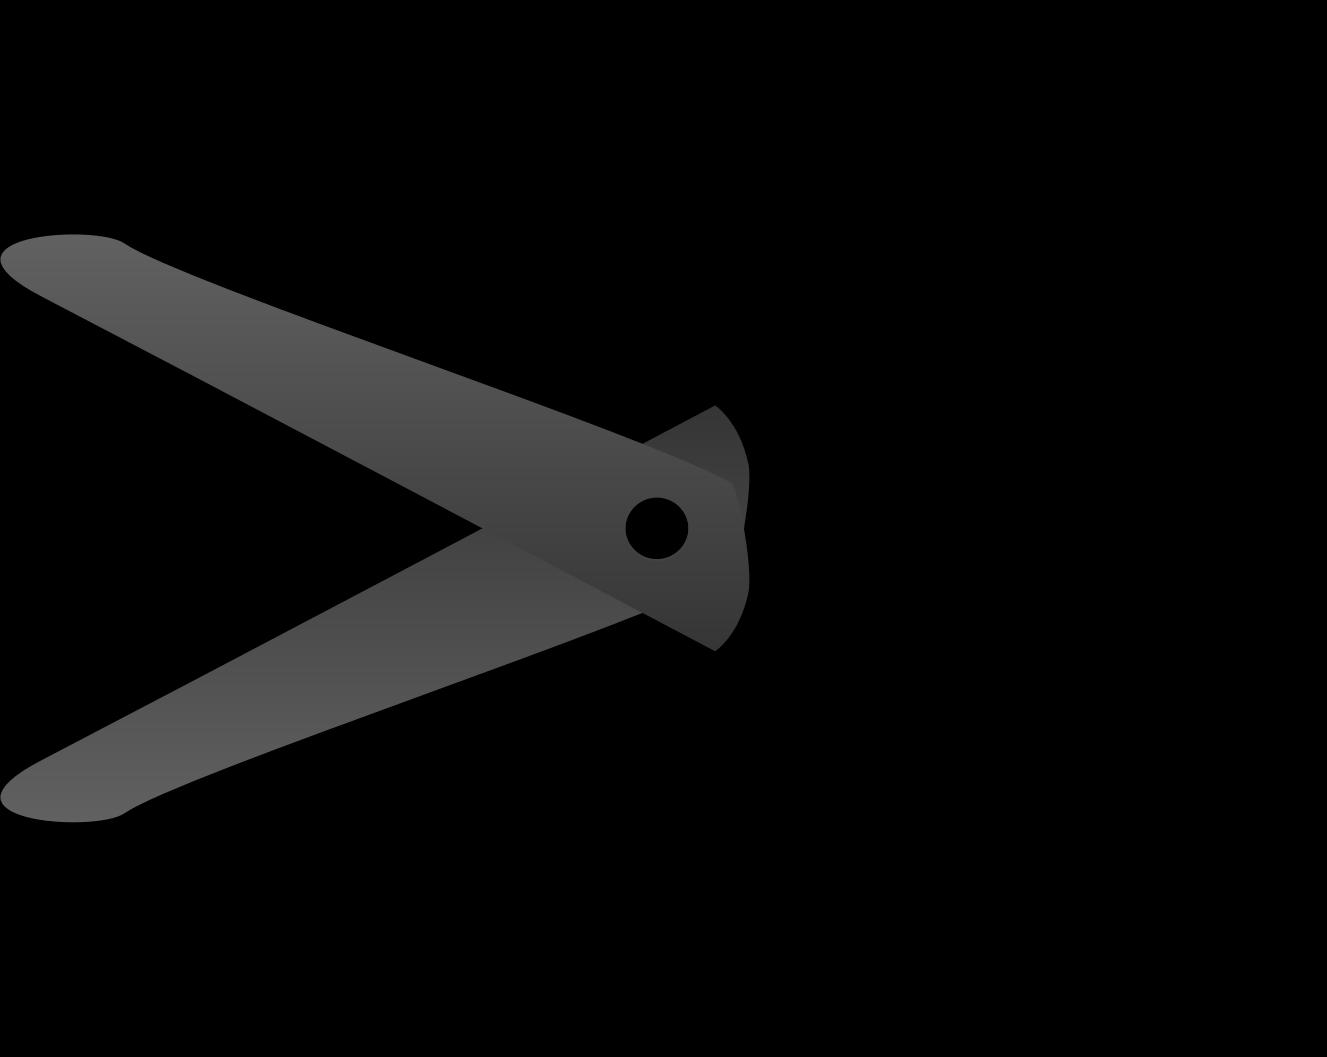 Top scissors clip art clipart blog